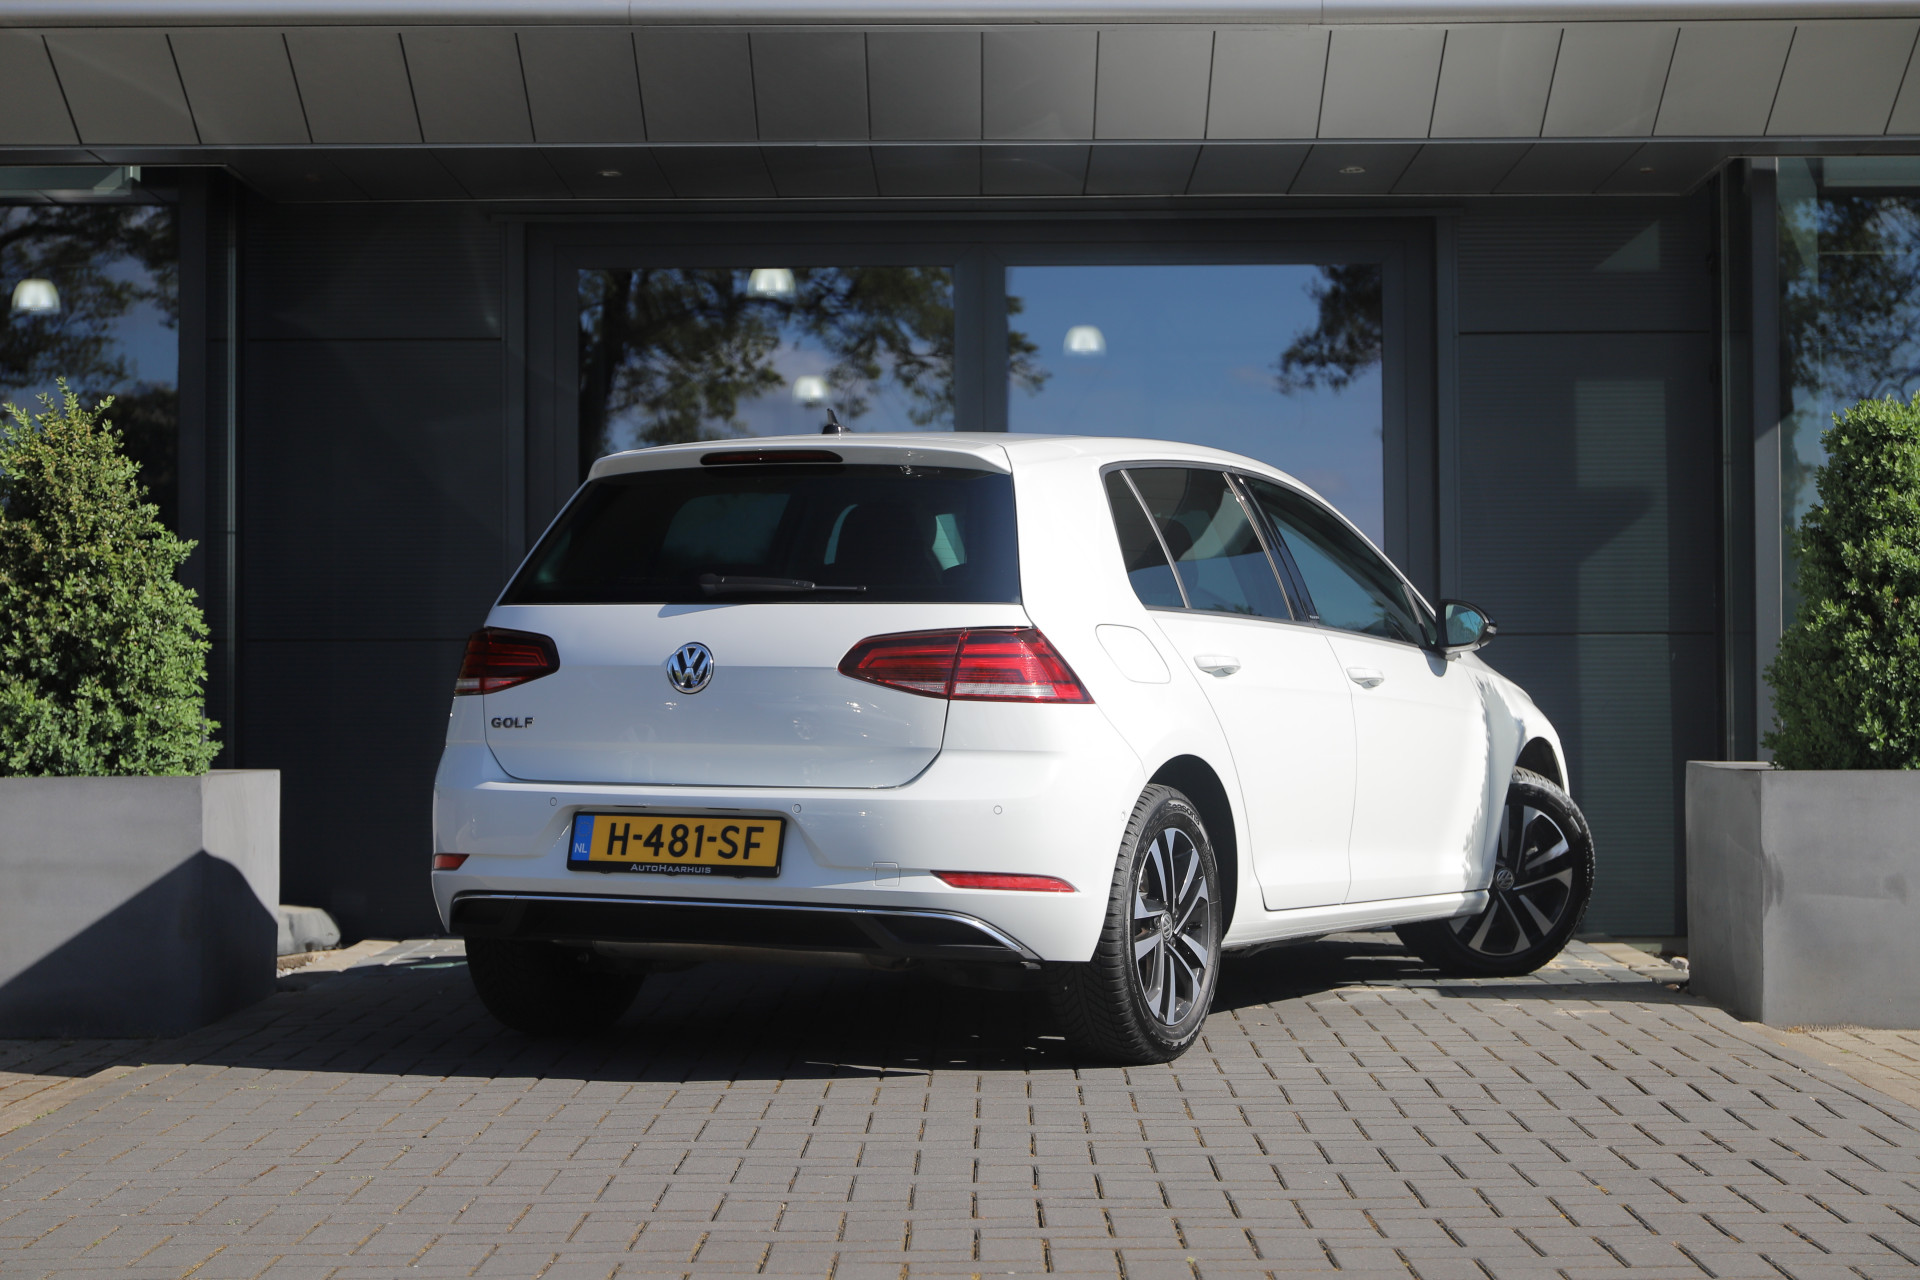 Tweedehands Volkswagen Golf TDI occasion